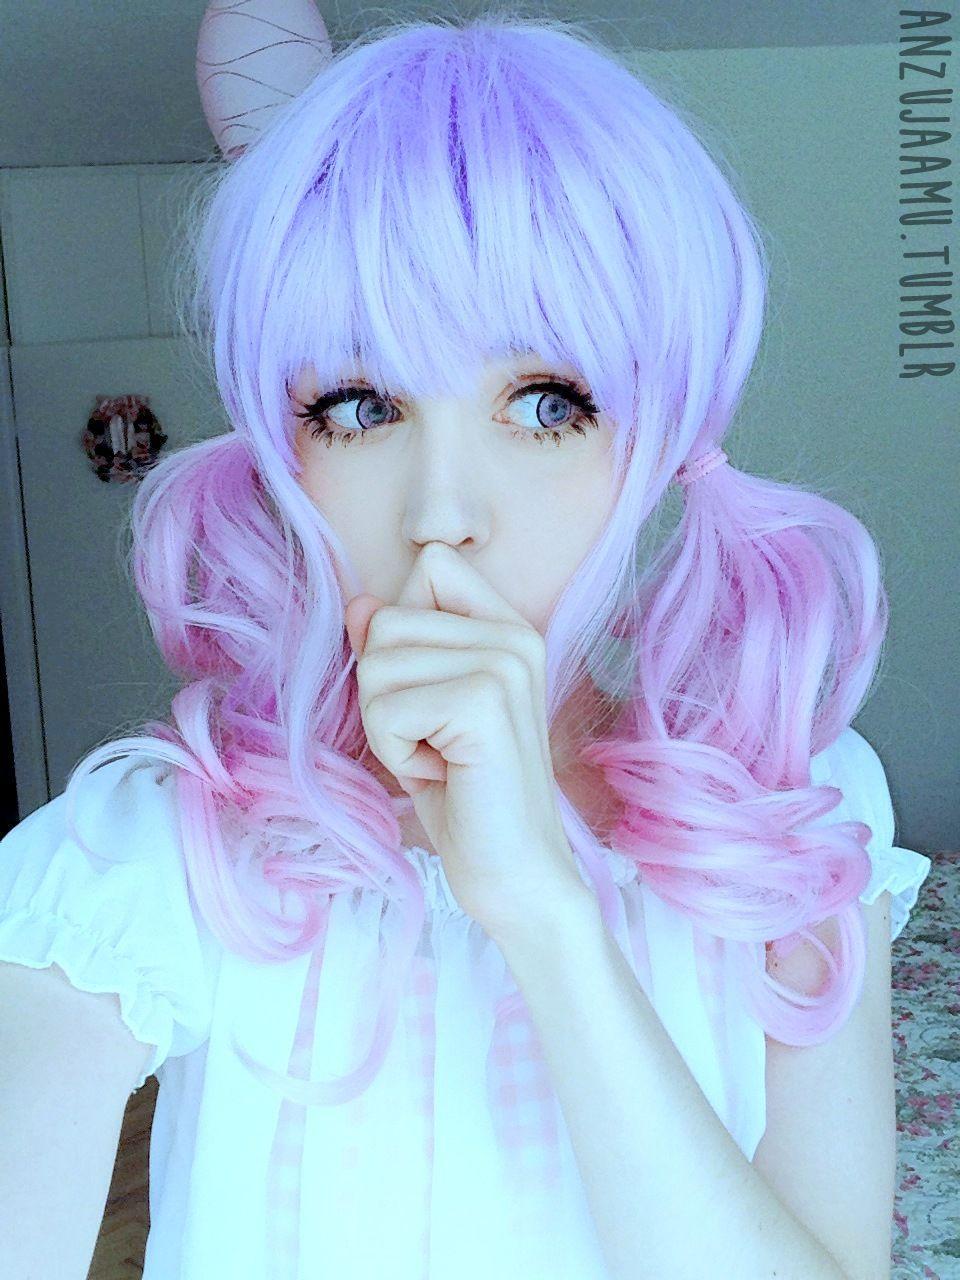 Kawaii pastel makeup inspiration anzujaamu circle lenses pink